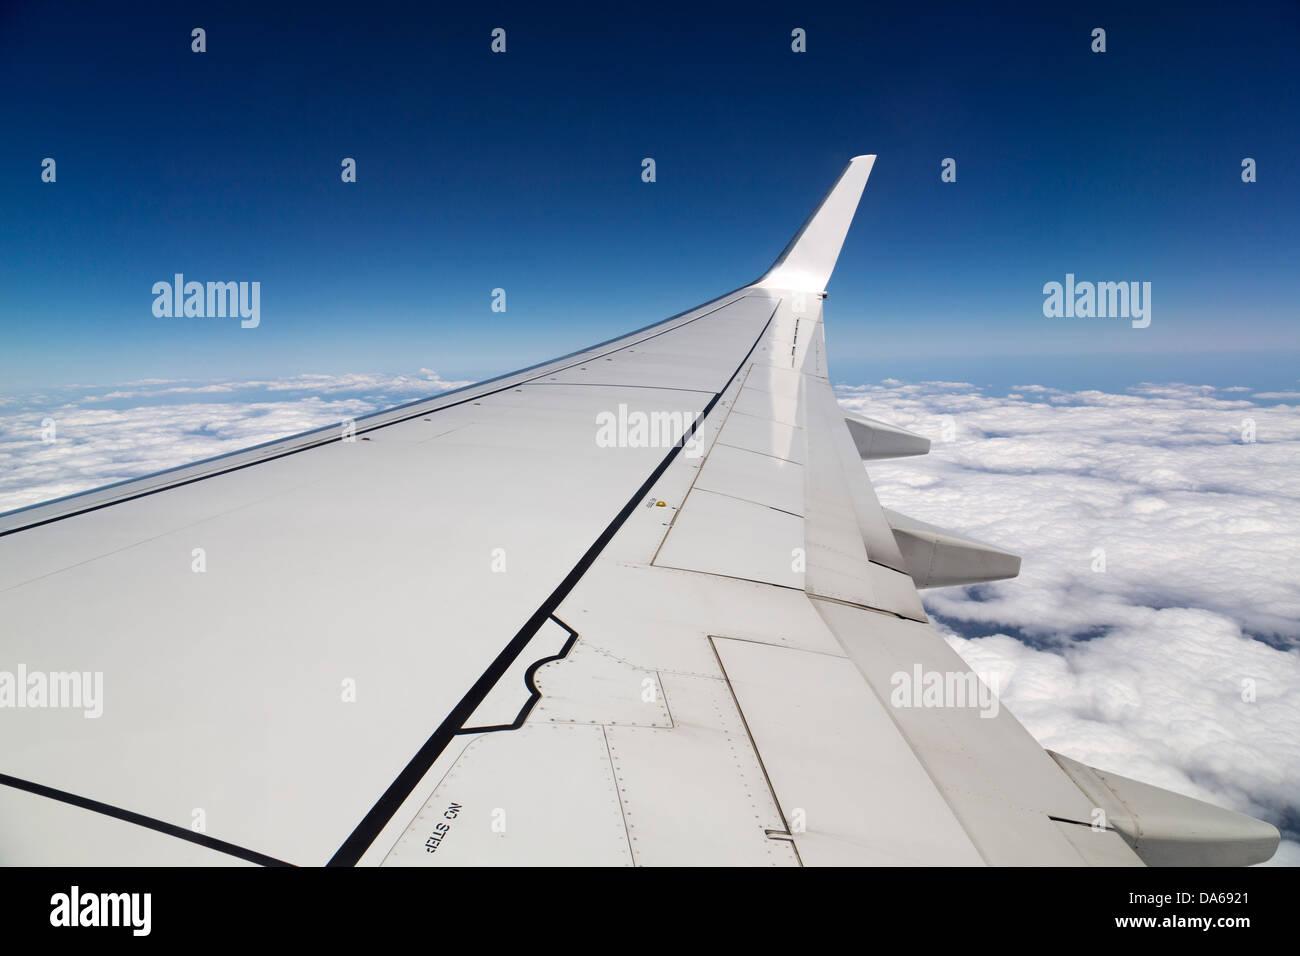 Ala de un avión en el cielo nuboso Imagen De Stock